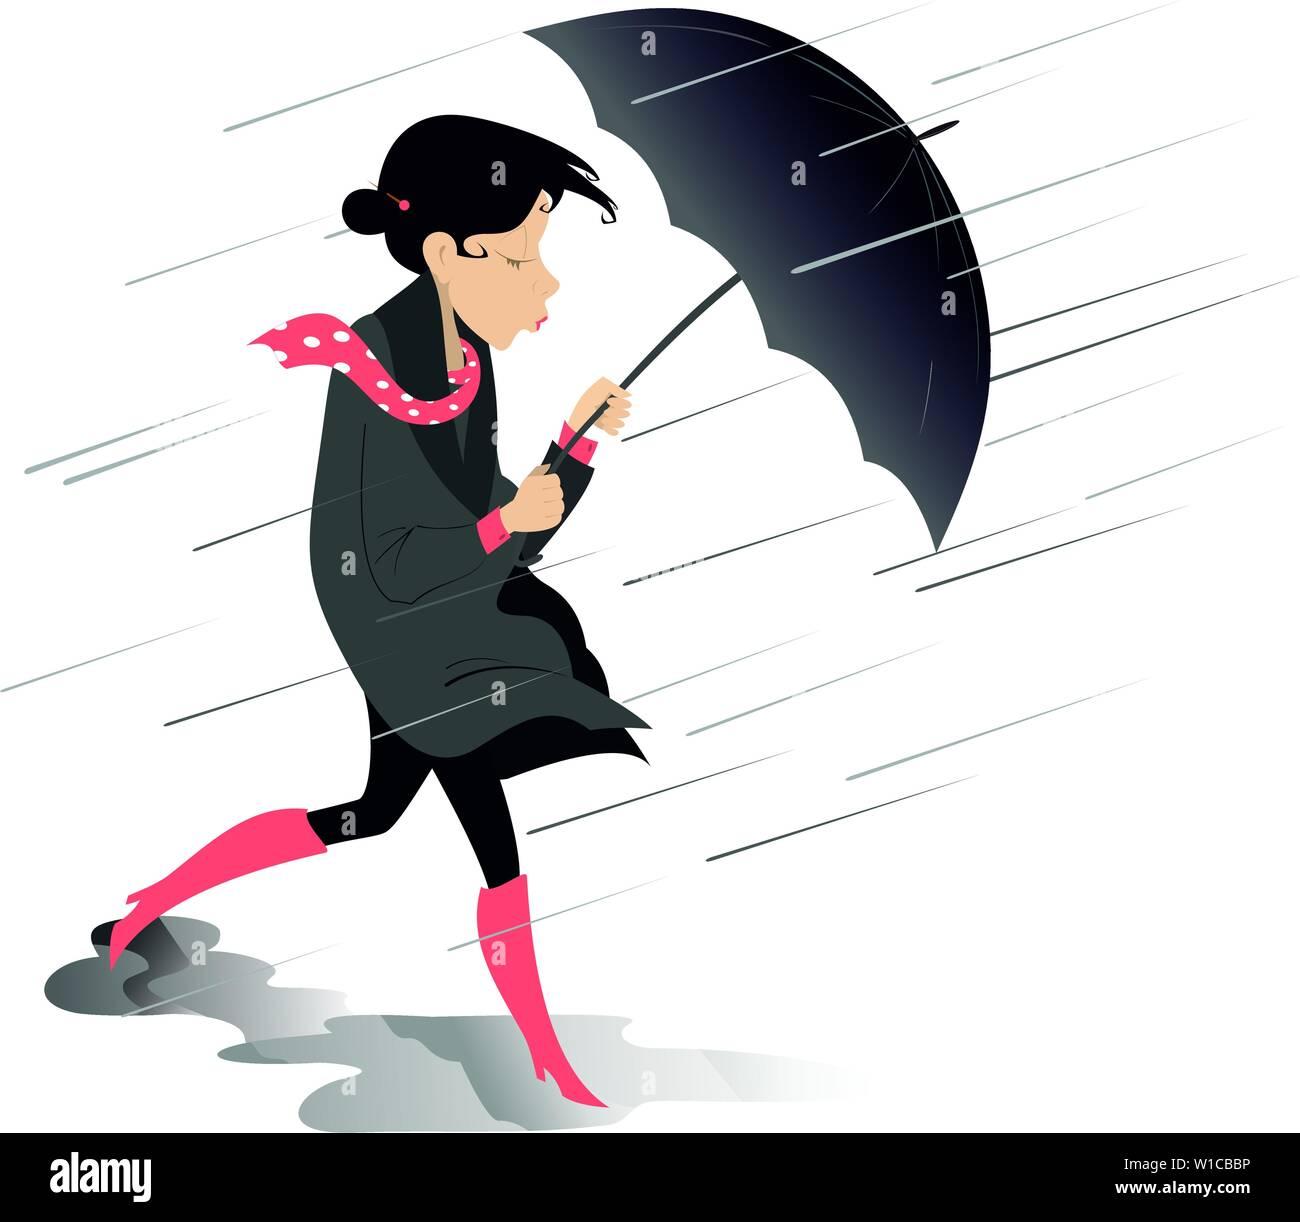 Fort Vent Pluie Et Femme Avec Parapluie Illustration Isole Tempete Pluie Et Femme Avec Parapluie Isolated On White Illustration Image Vectorielle Stock Alamy